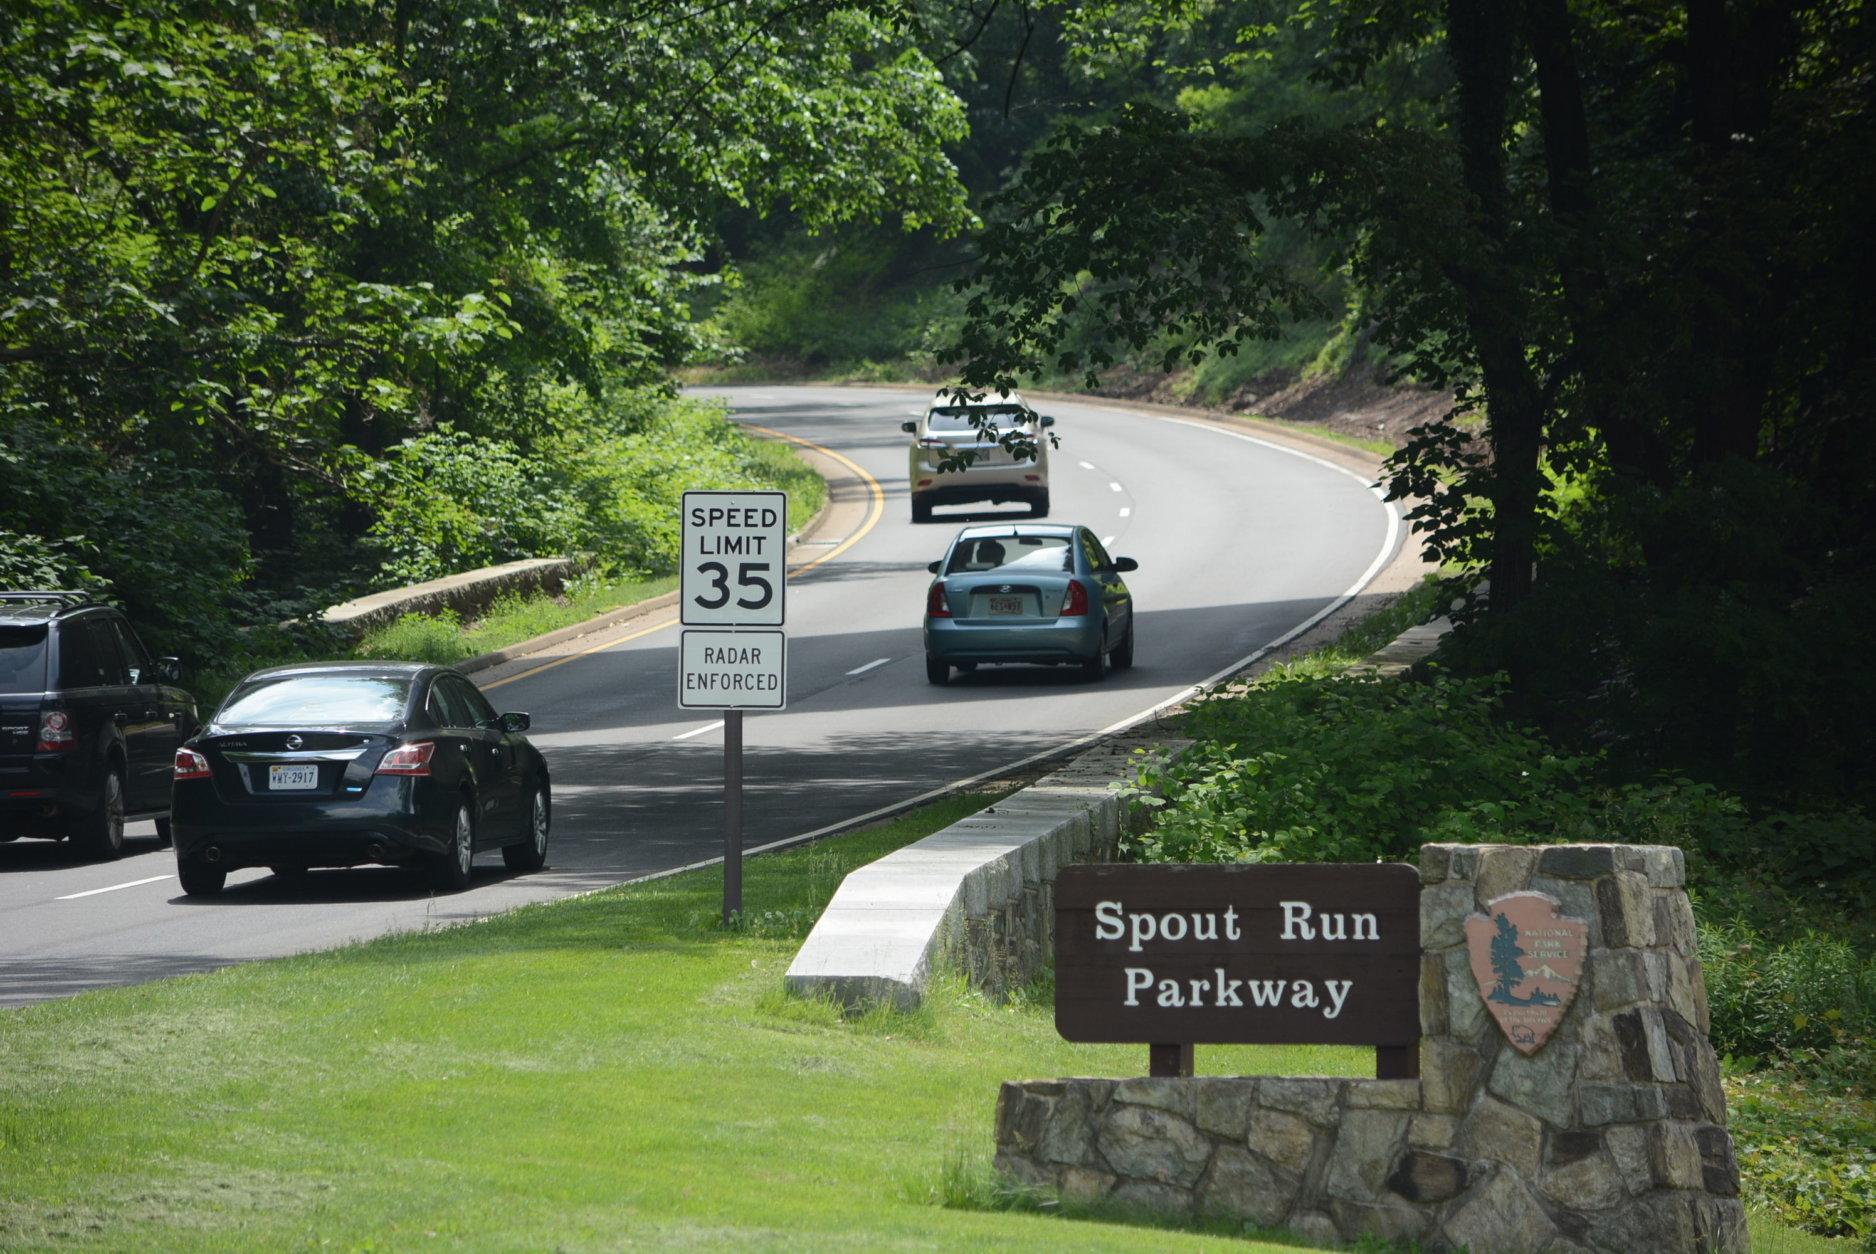 windy run spout run GW Parkway